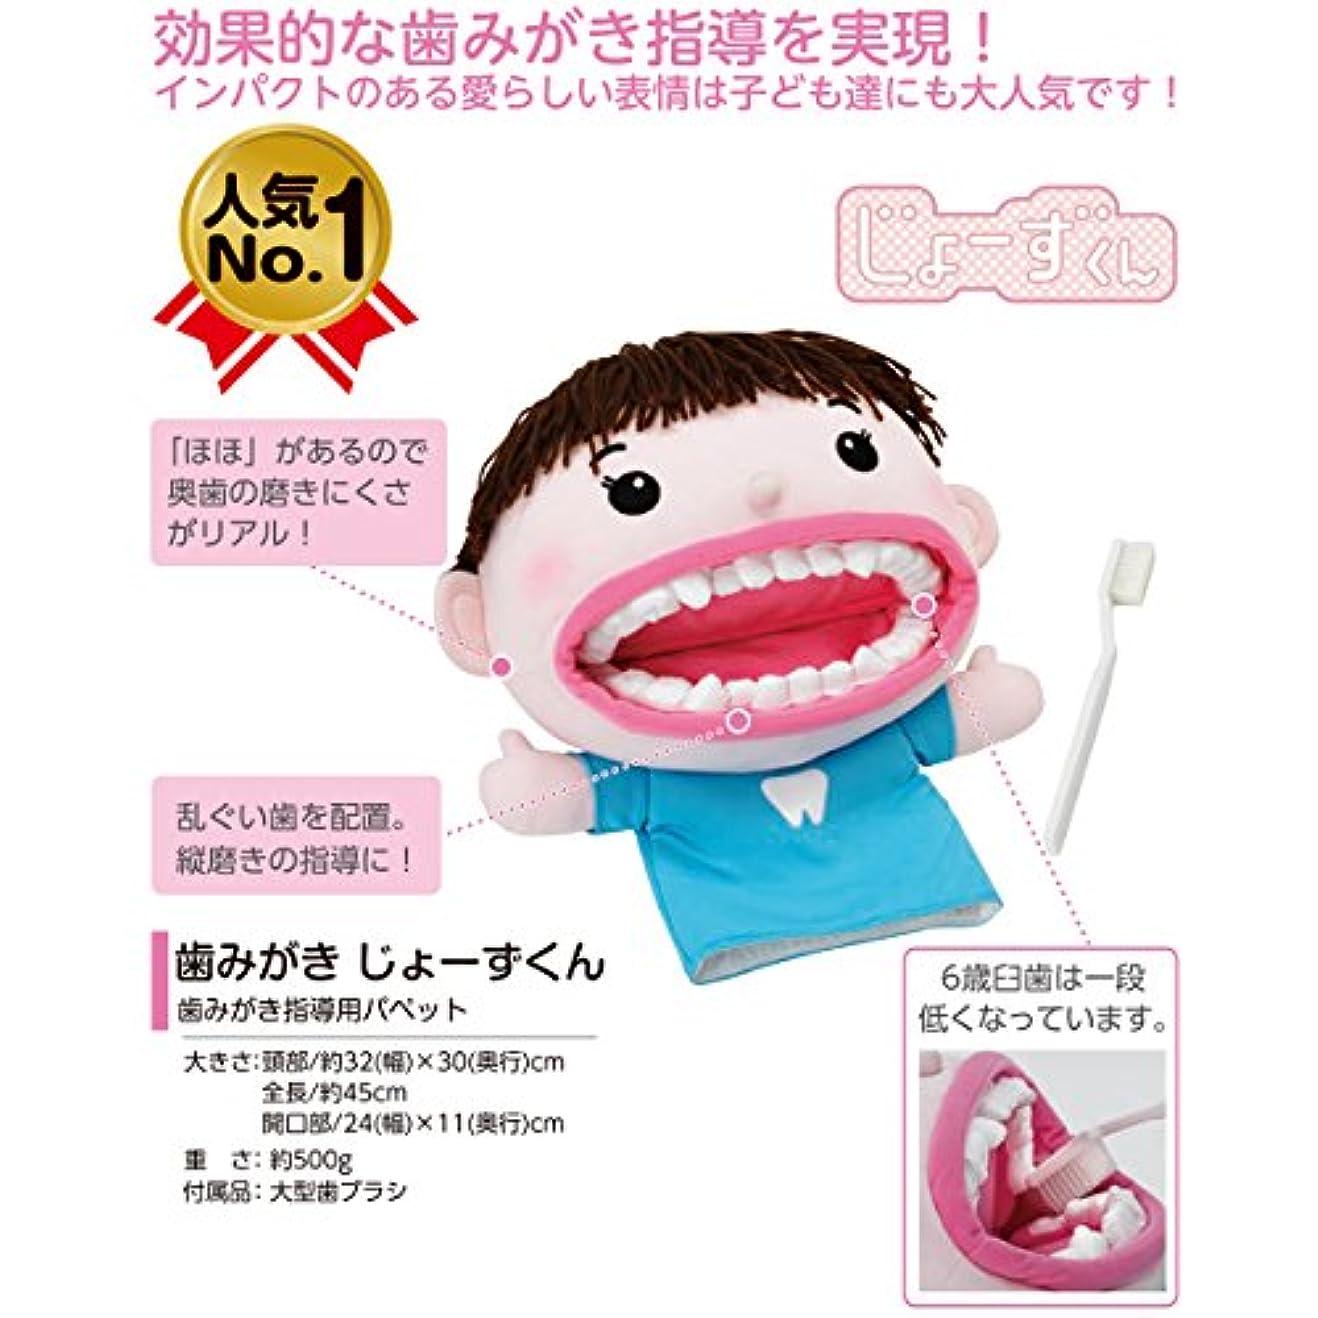 原稿排除する生息地歯みがき じょーずくん 歯磨き 指導用 教育用 パペット 人形 ぬいぐるみ